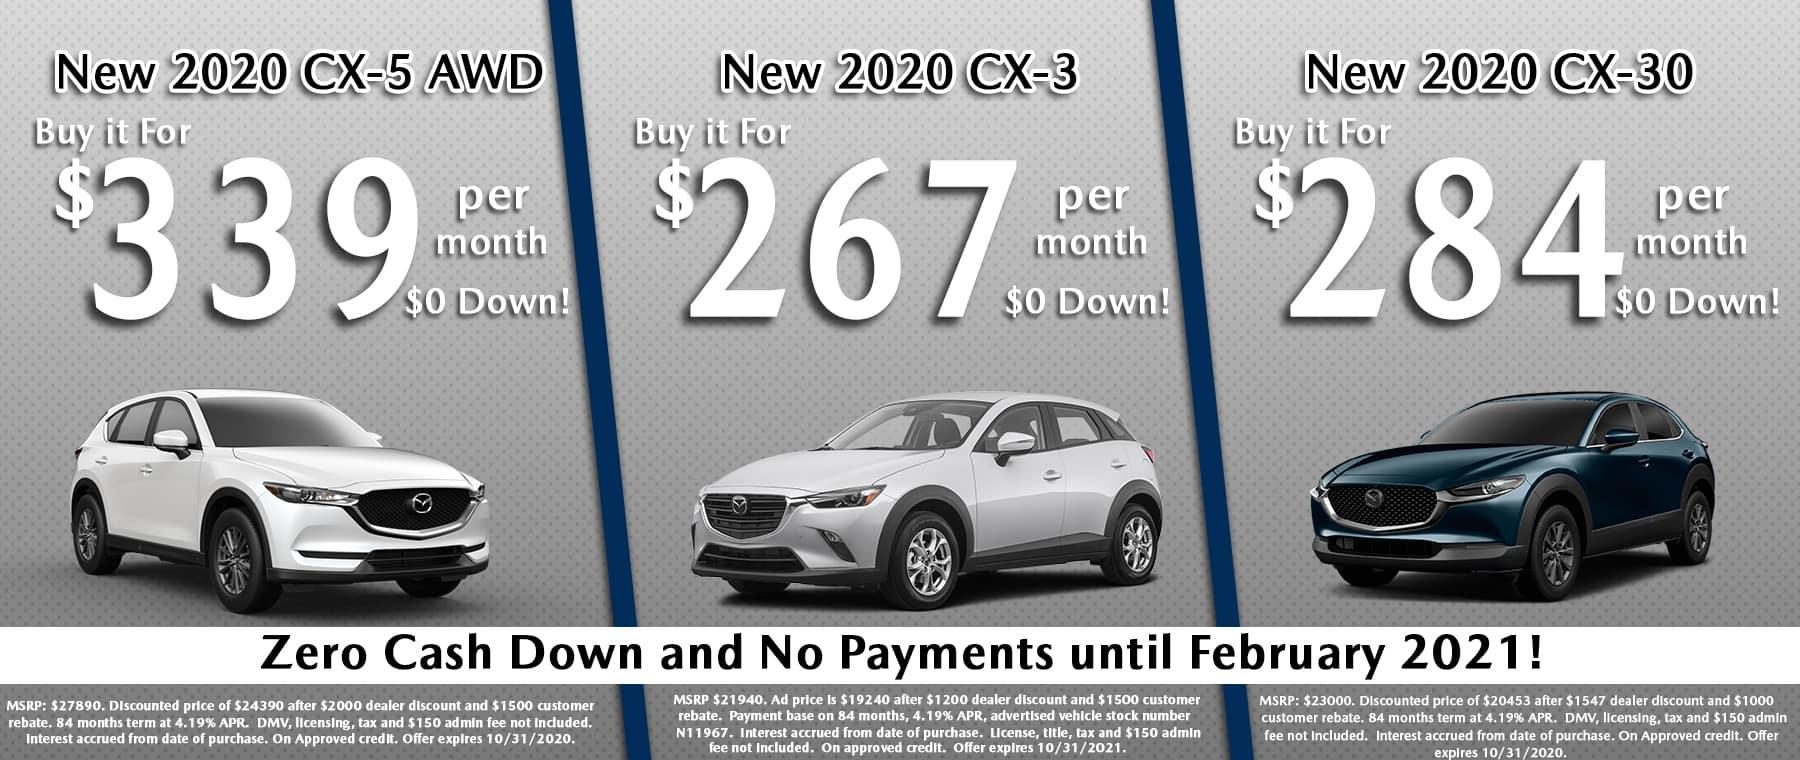 New 2020 CX-5 AWD, New 2020 CX-3, New 2020 CX-30